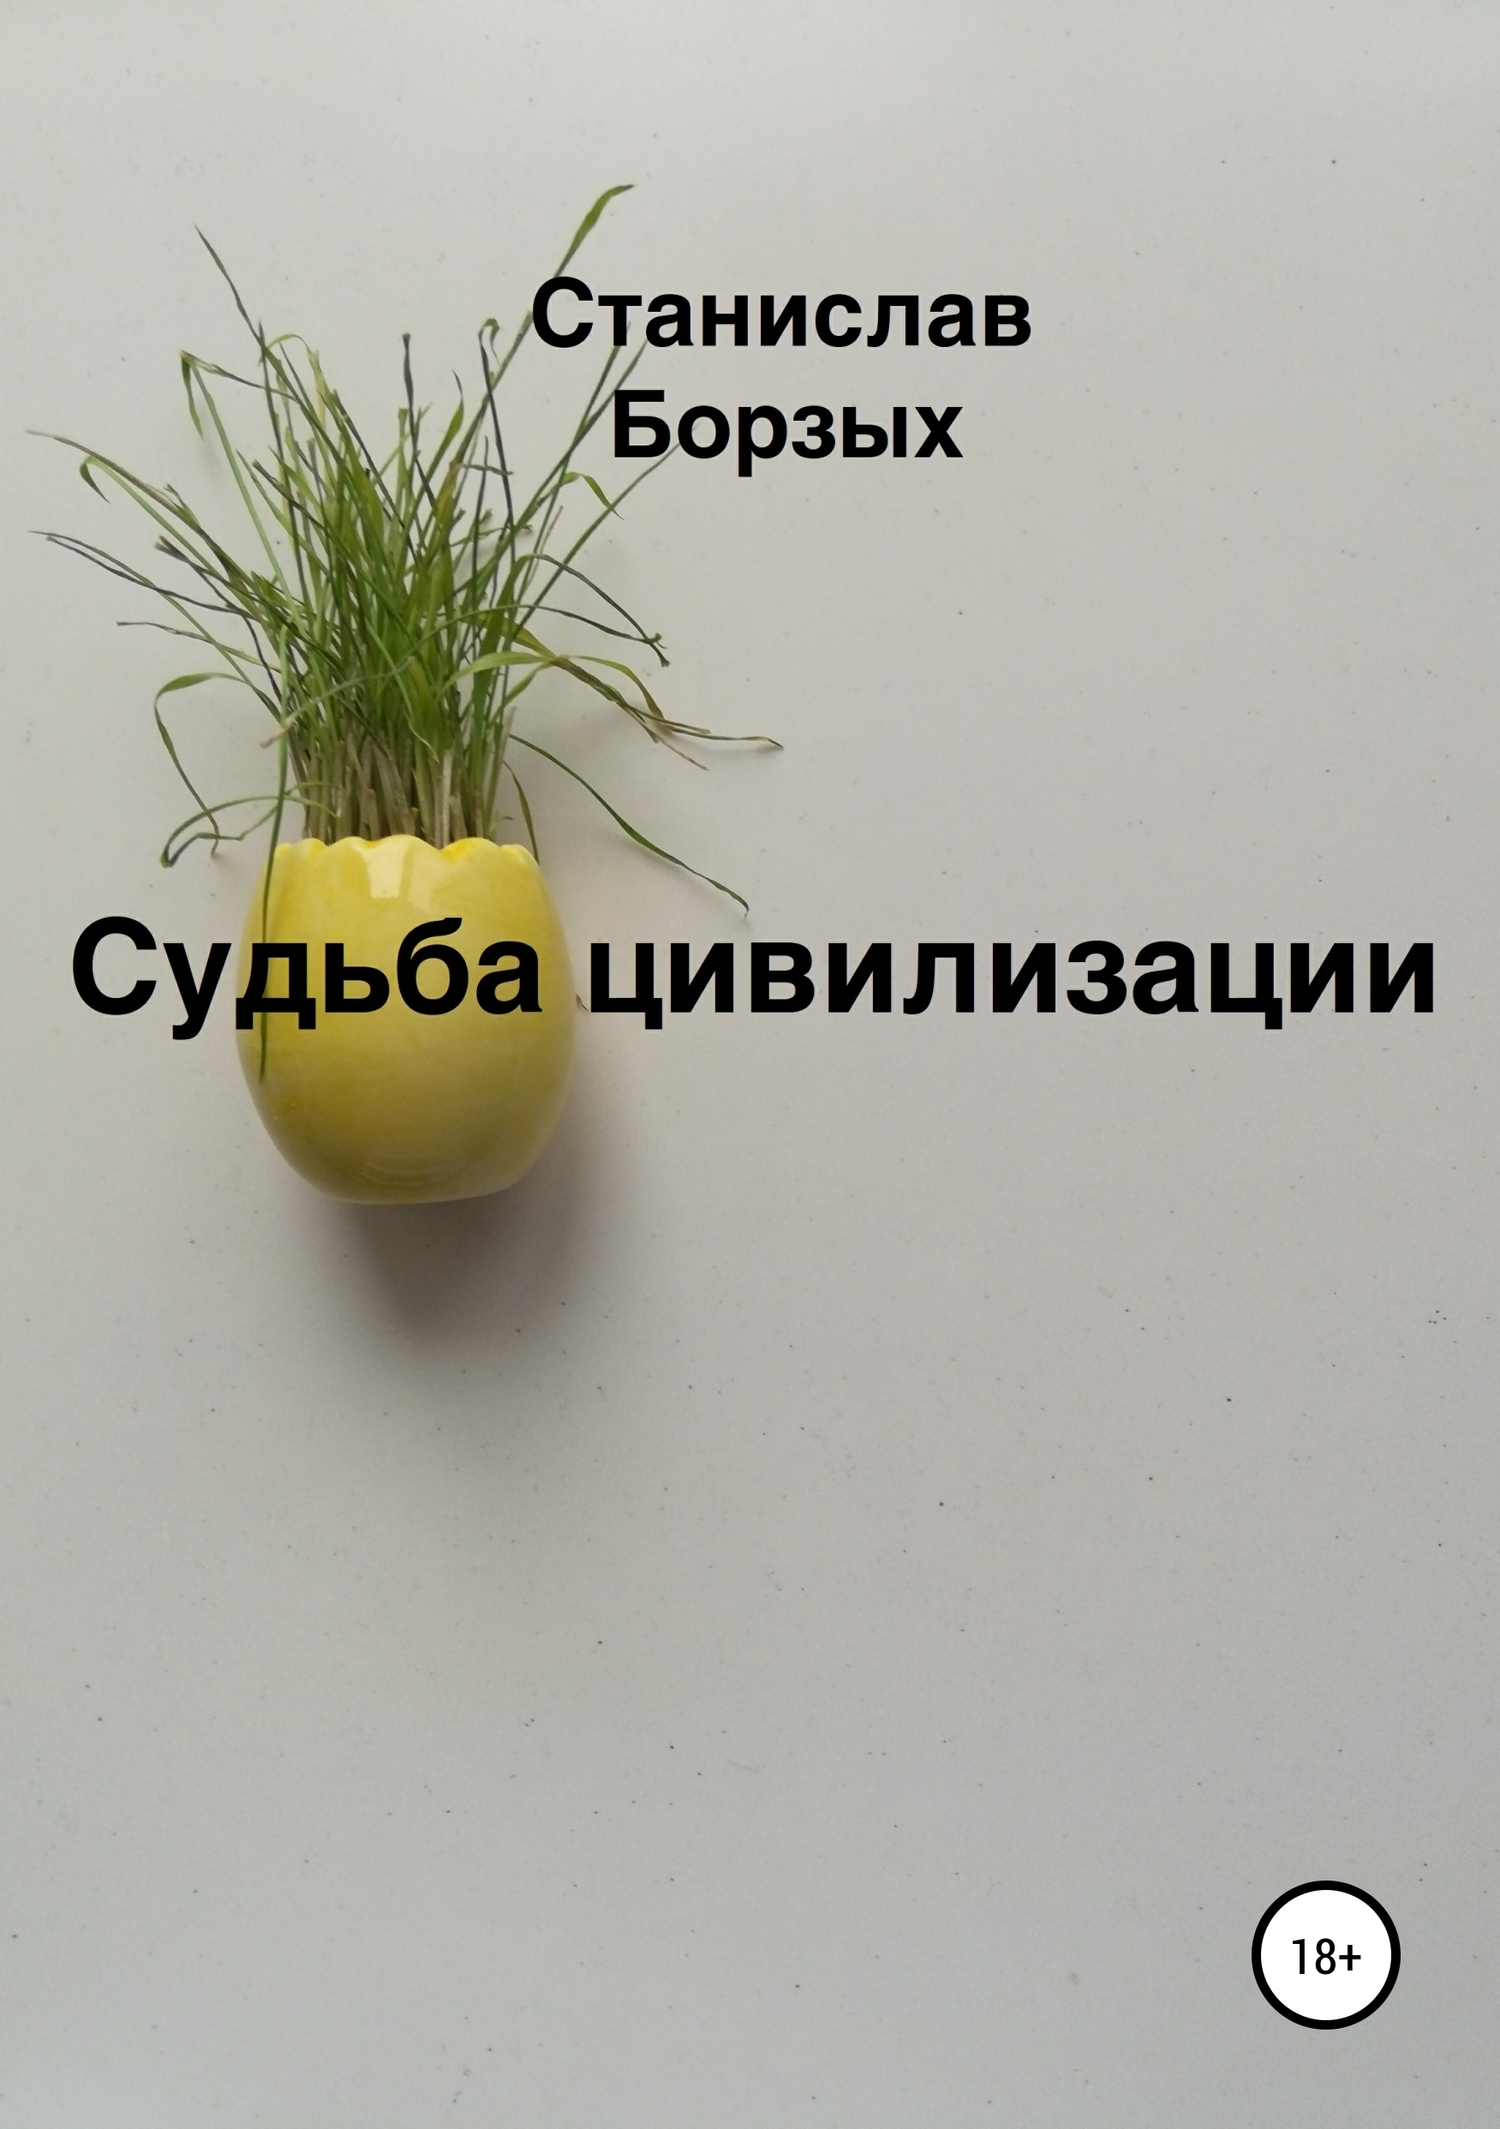 Станислав Борзых - Судьба цивилизации